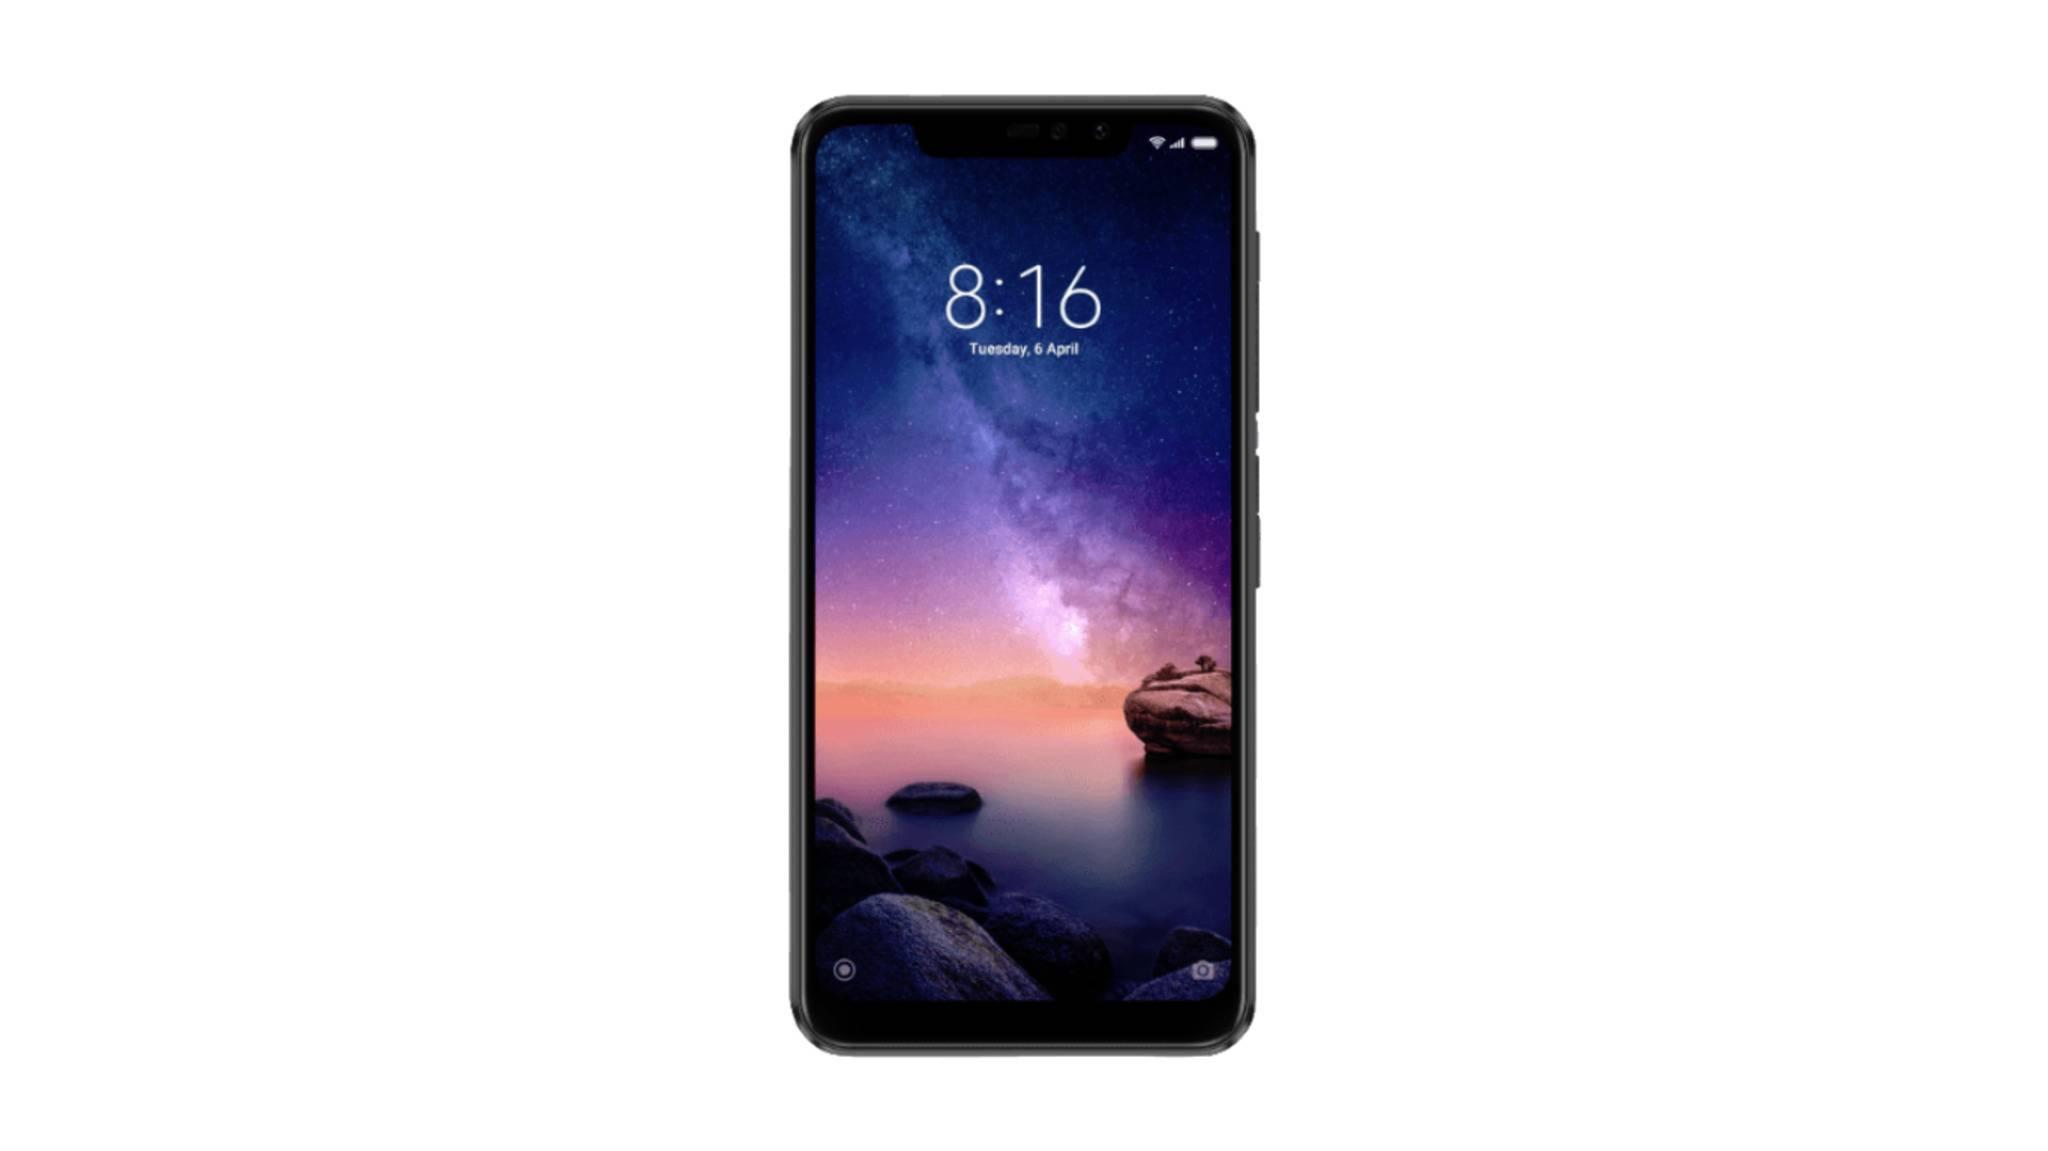 Das nächste Redmi-Smartphone nach dem Redmi Note 6 Pro (im Bild) zählt zu einer eigenen Marke.